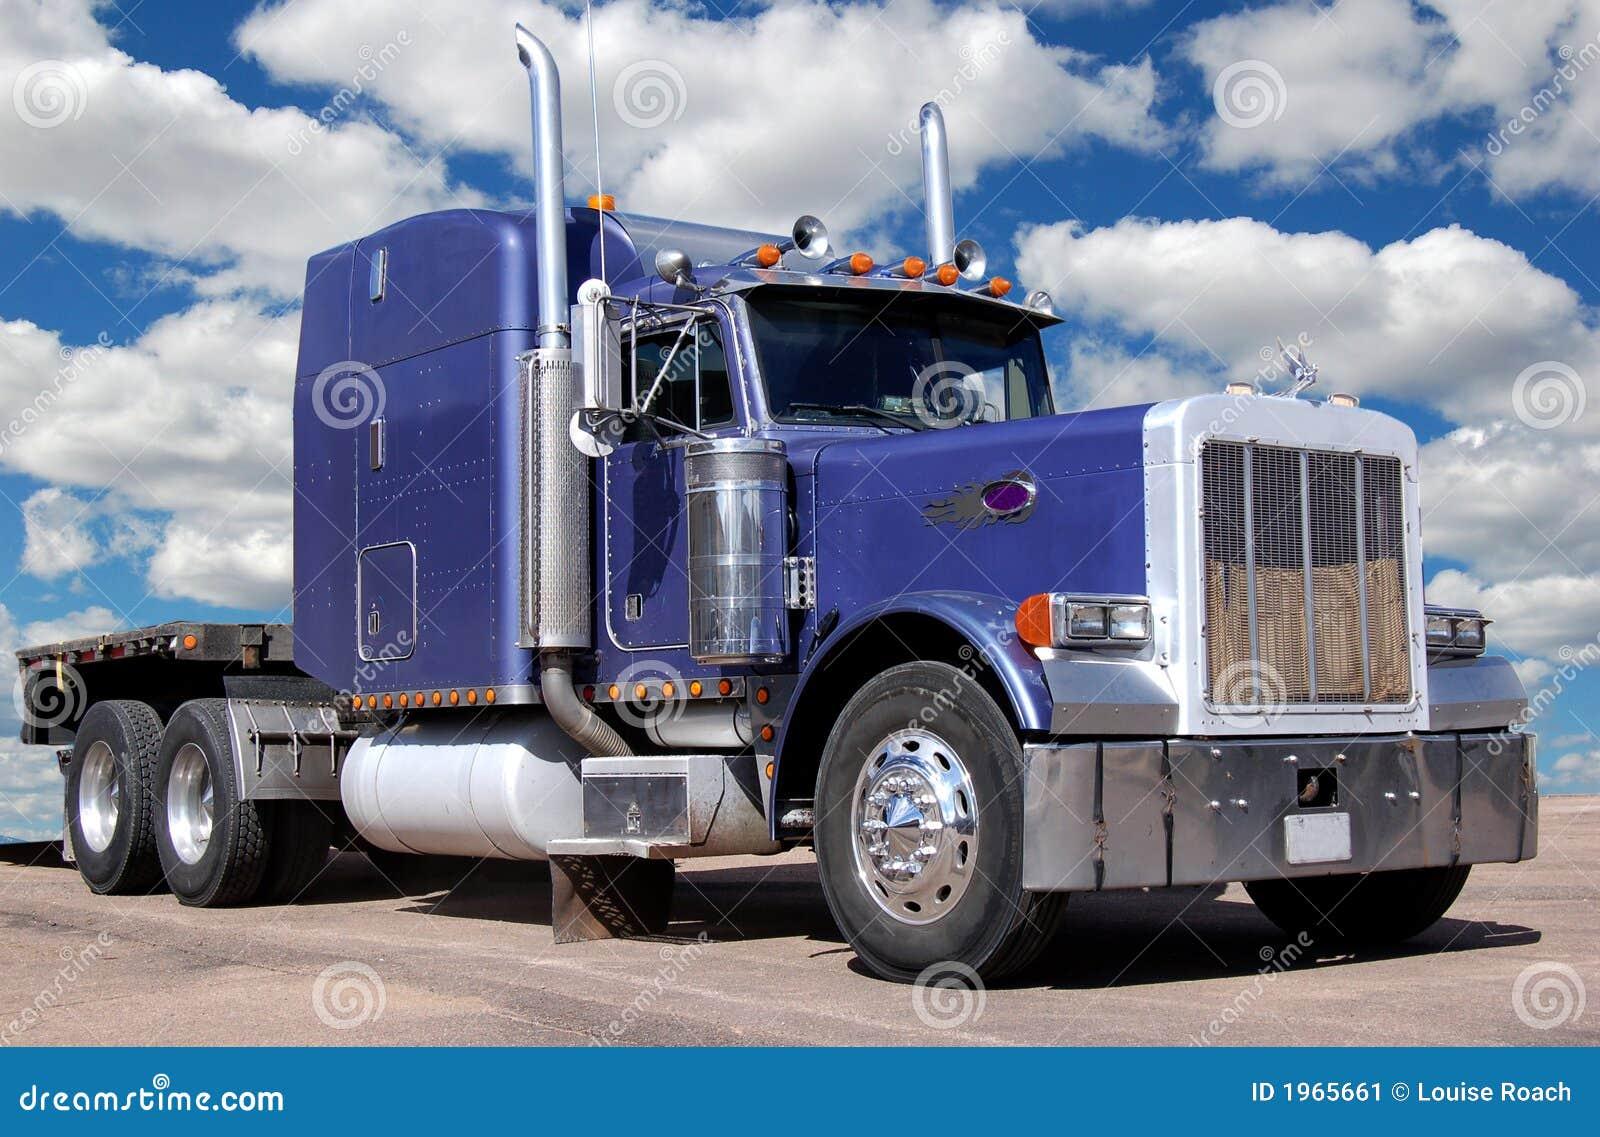 Big Purple Truck